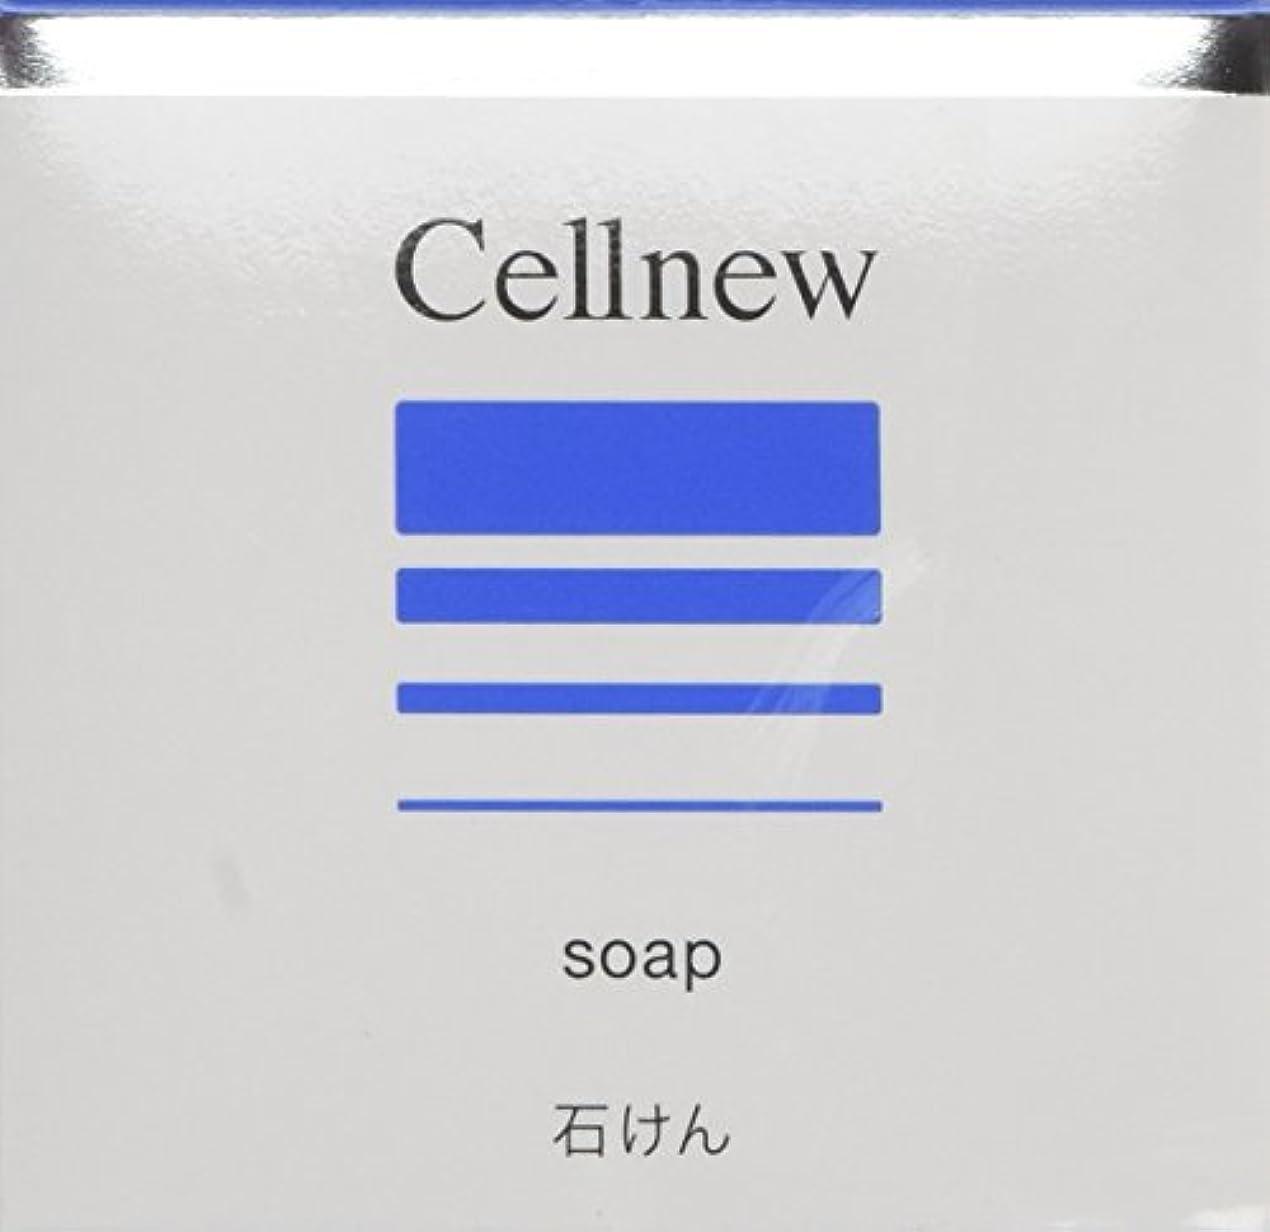 強います軽蔑飛行場セルニュー ソープ 80g [CN]【洗顔石鹸?洗顔せっけん】